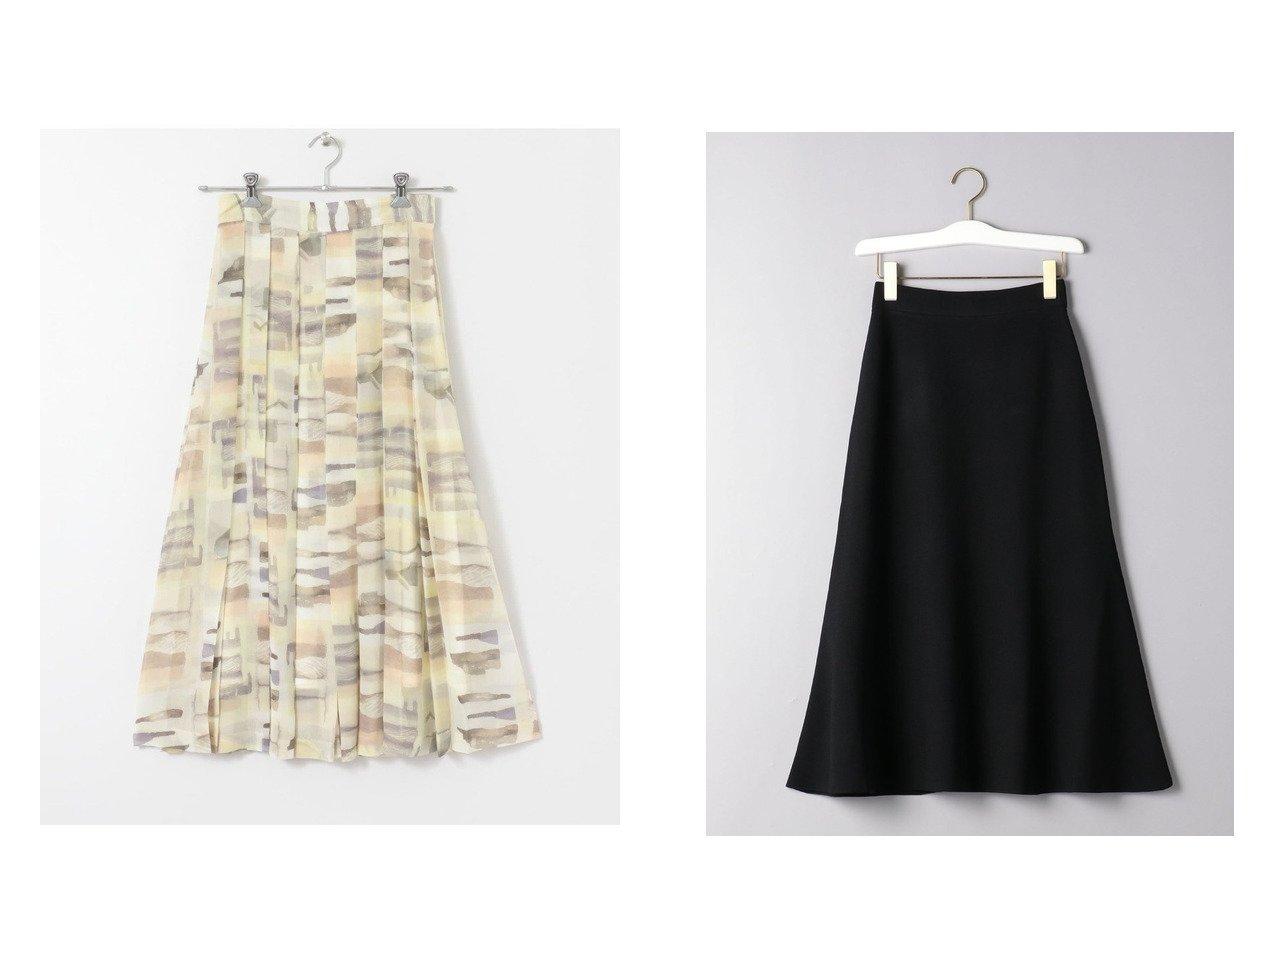 【UNITED ARROWS/ユナイテッドアローズ】のMarilyn Moon(マリリンムーン) フィット フレア イージースカート&【URBAN RESEARCH/アーバンリサーチ】のCURRENTAGE SKIRT スカートのおすすめ!人気、トレンド・レディースファッションの通販 おすすめで人気の流行・トレンド、ファッションの通販商品 メンズファッション・キッズファッション・インテリア・家具・レディースファッション・服の通販 founy(ファニー) https://founy.com/ ファッション Fashion レディースファッション WOMEN スカート Skirt ロングスカート Long Skirt NEW・新作・新着・新入荷 New Arrivals クラシック トレンド ビンテージ ポケット モダン シンプル フィット フレア ロング |ID:crp329100000012901